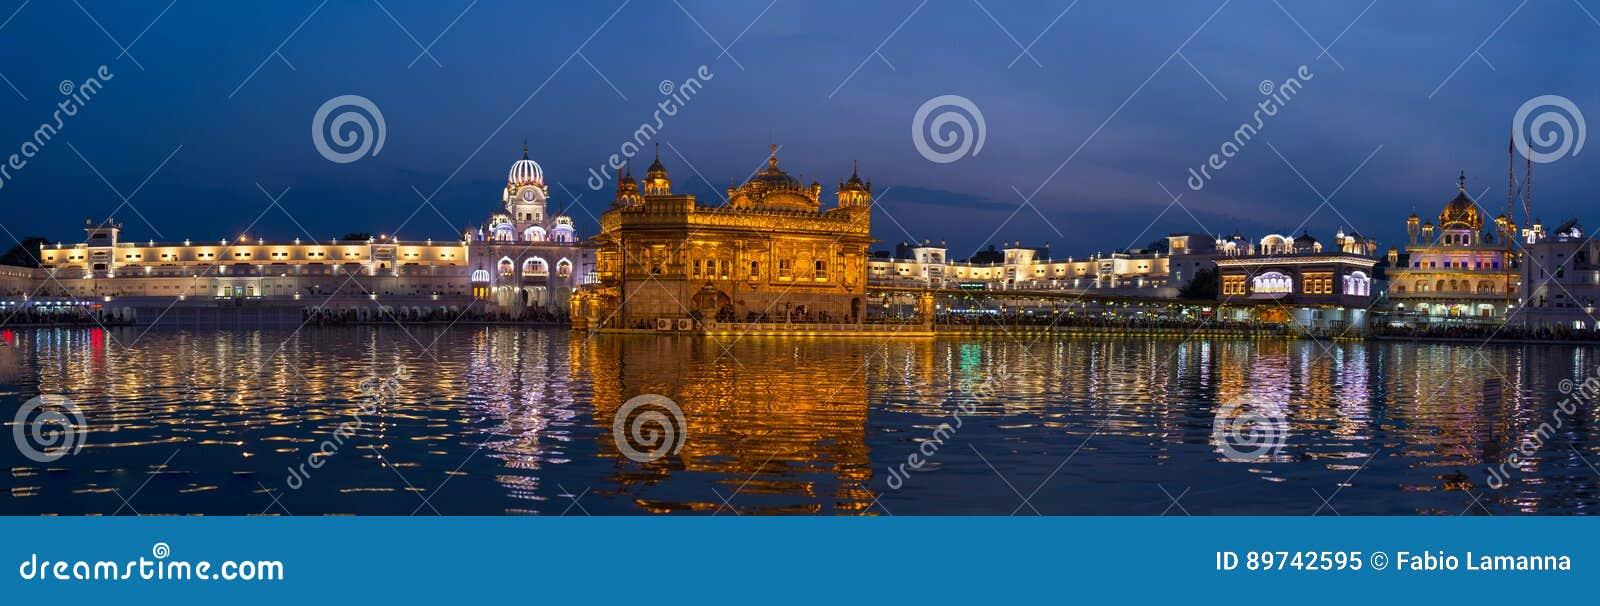 Den guld- templet på Amritsar, Punjab, Indien, den mest sakrala symbolen och dyrkanstället av den sikh- religionen Upplyst i natt